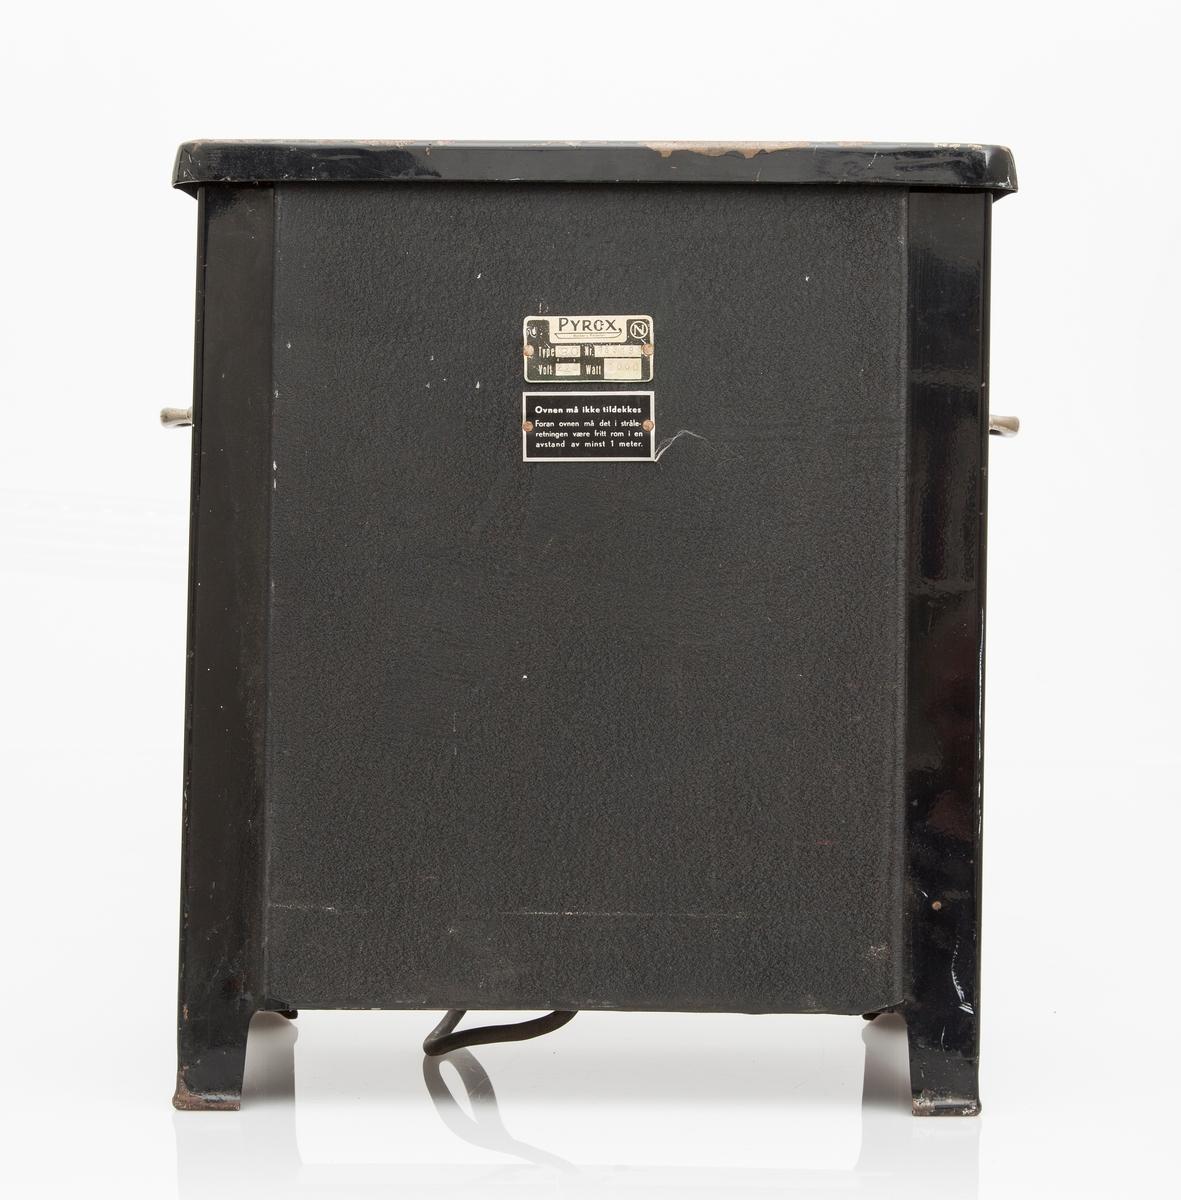 Elektrisk varmeovn i sortlakkert jern. Innvendig, mønstret støpejernsplate for effektiv varmemagasinering. Støpejernsplaten er dekorert med en edderkopp i nett og fangede insekter. I hvert hjørne av platen er det en sol. Bærehåndtak på sidene. Varmen reguleres på fremsiden, med tre innstillinger, 1-3. Produsert på Norle?